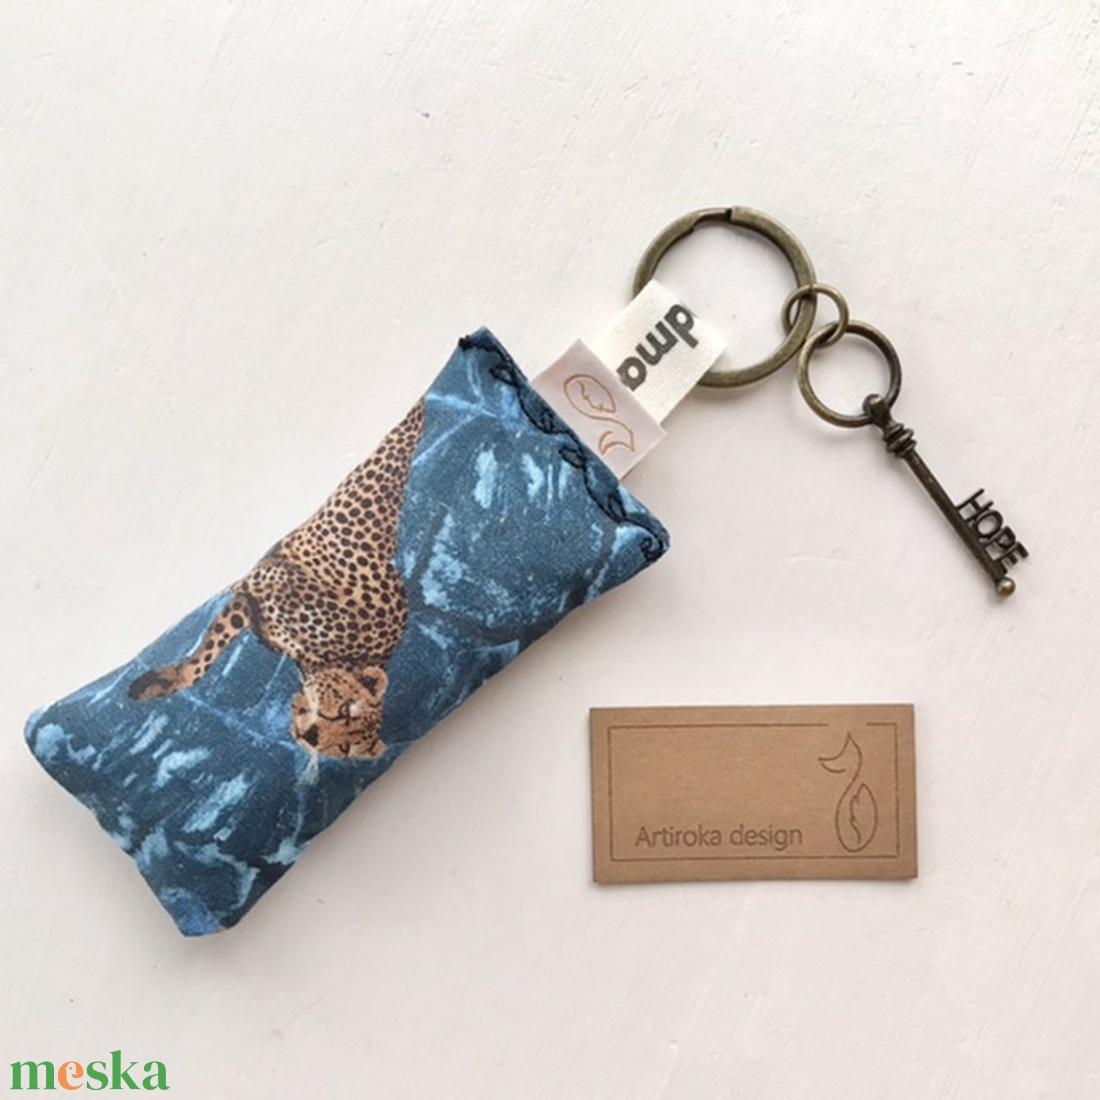 AKCIÓ - leopárd mintás kulcstartó kis vintage kulccsal - Hope  kulcs medállal  - Artiroka design - Meska.hu